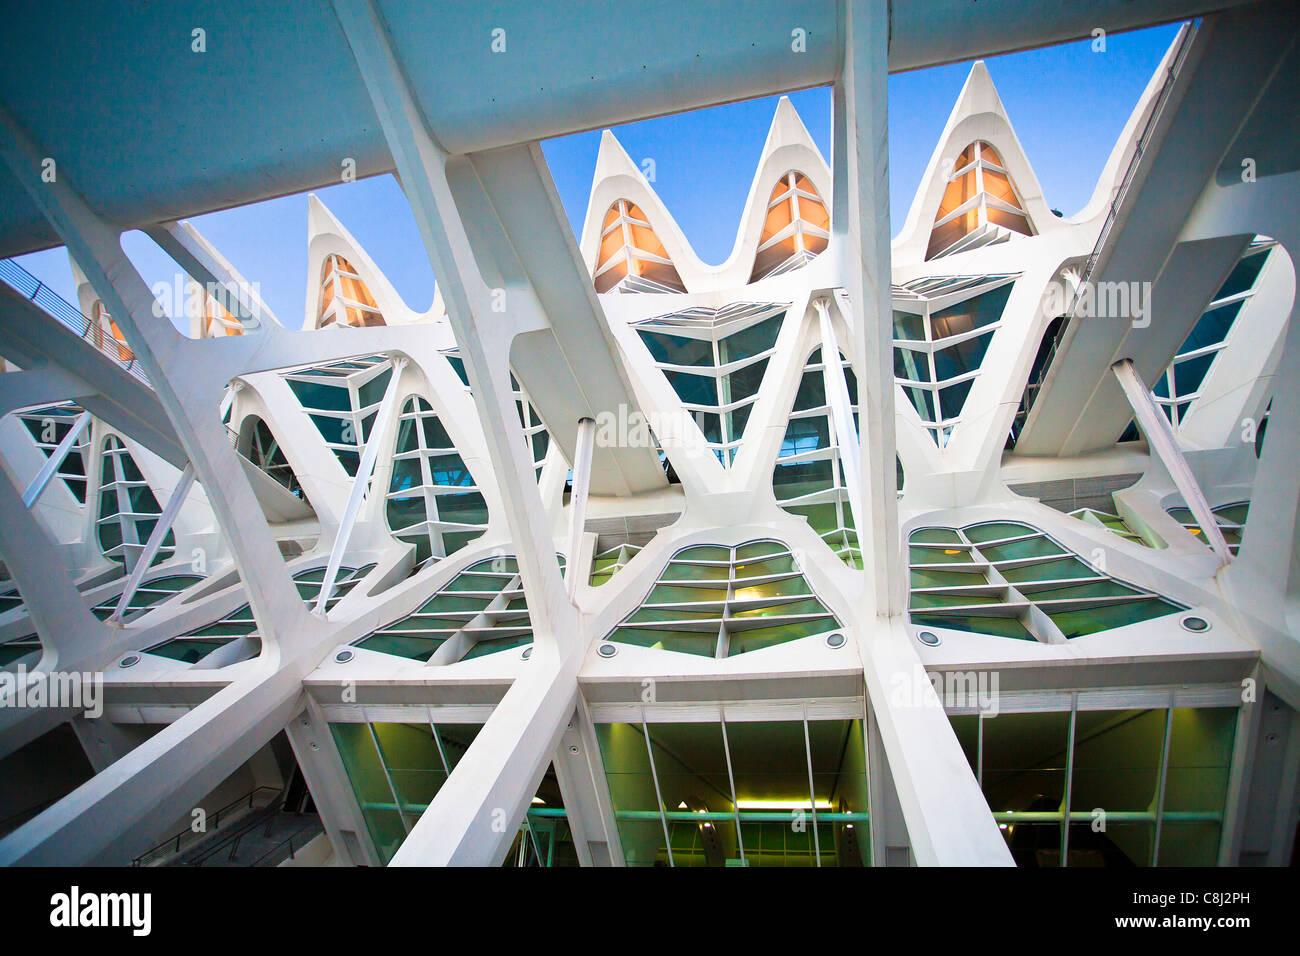 L'Espagne, l'Europe, Valence, Cité des Arts et des sciences, Calatrava, architecture, structure, moderne Photo Stock